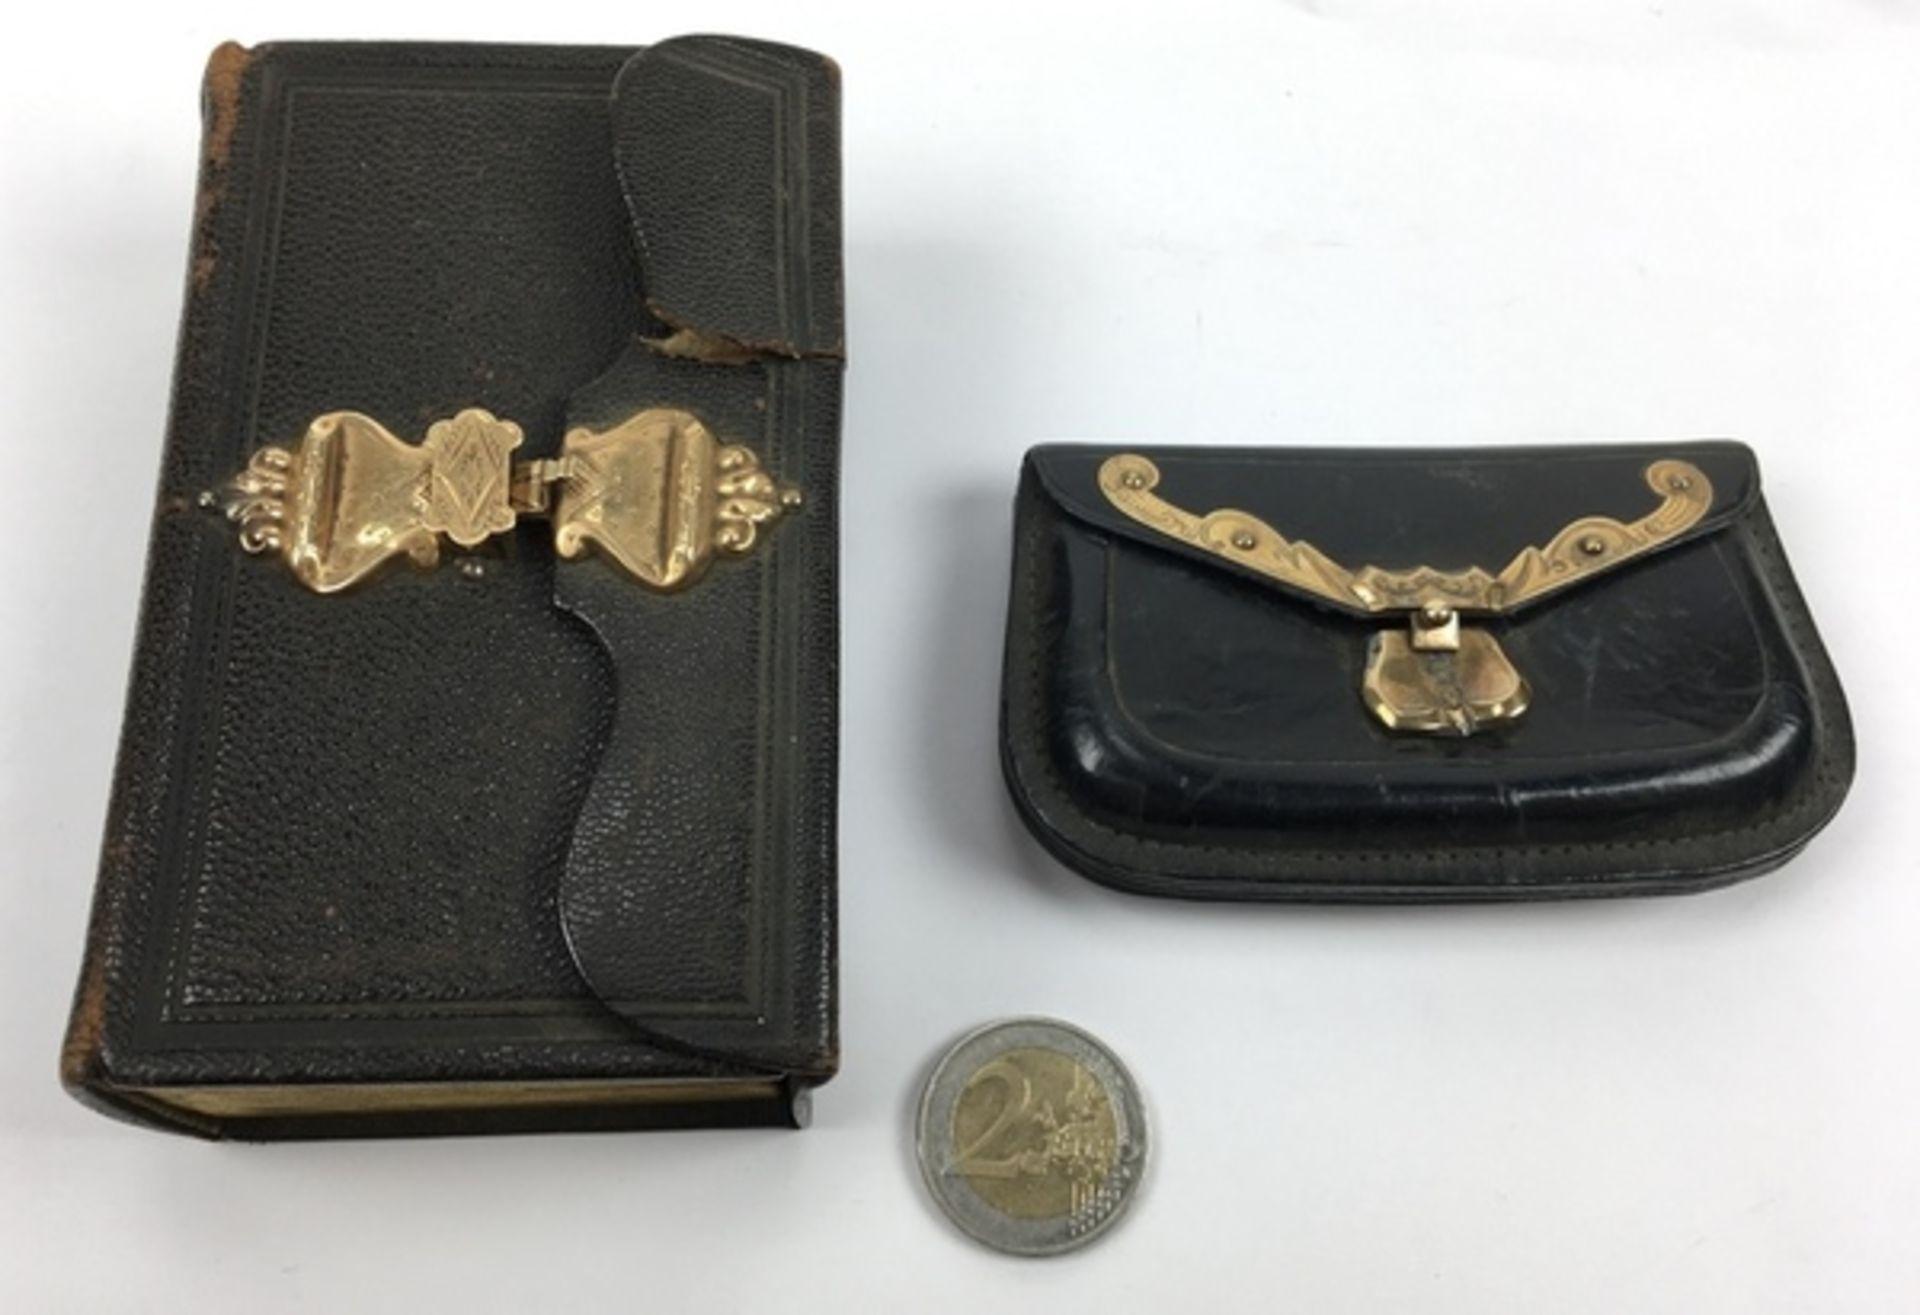 (Antiek) Bijbel en portemonnee met gouden slotenBijbel met leren kaft en gouden slot uit 1884, - Image 2 of 8